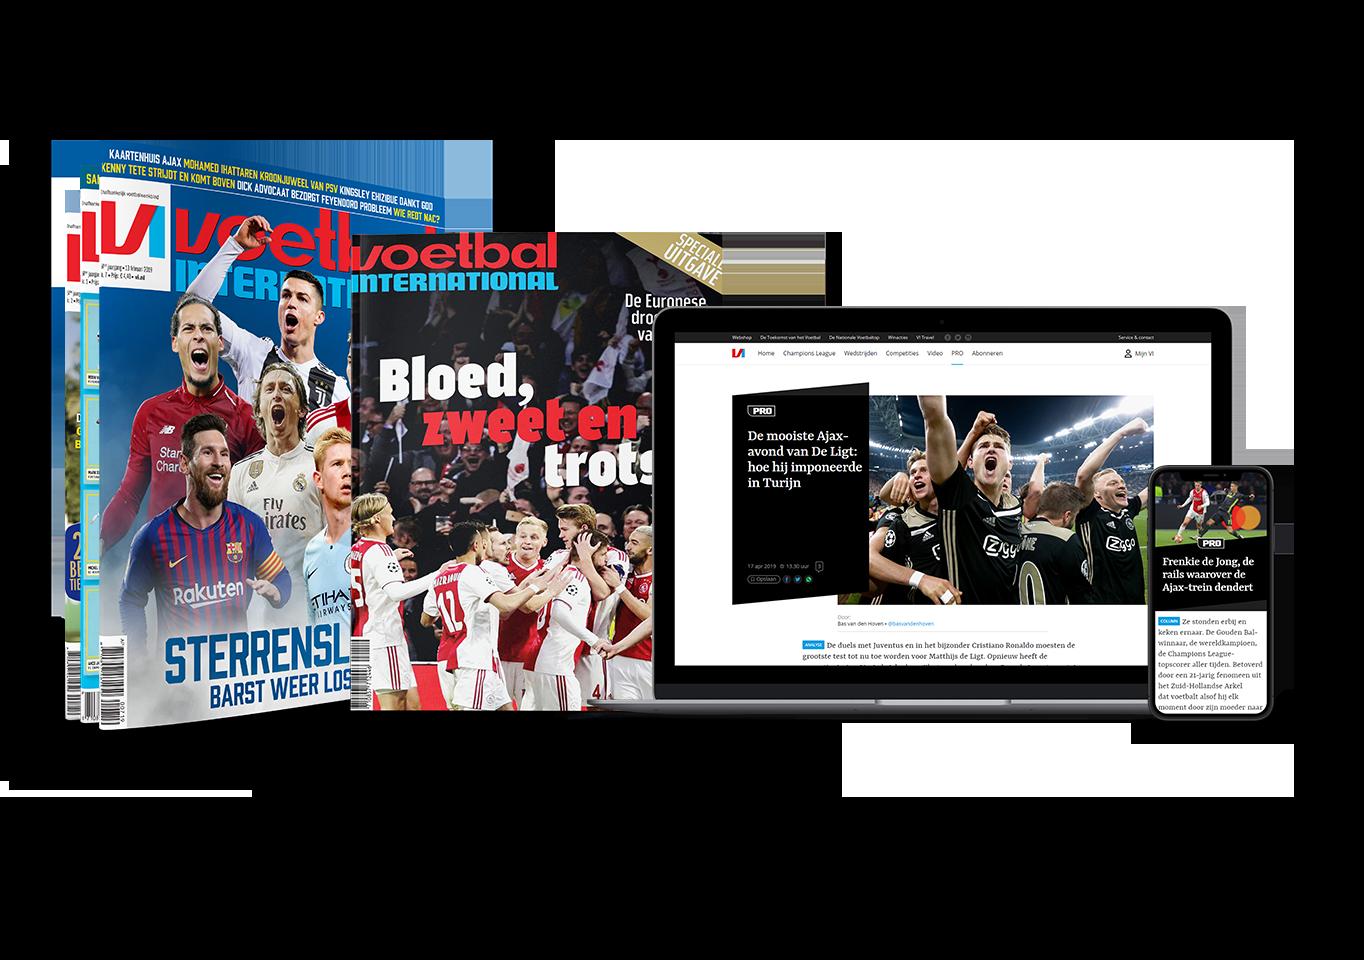 Bestel een aflopend proefabonnemt Voetbal International met korting nu 8 weken VI voor maar 24 Euro Proefabonnement Voetbal International, 8 keer VI voor maar 24 Euro (stopt automatisch, 29% korting)